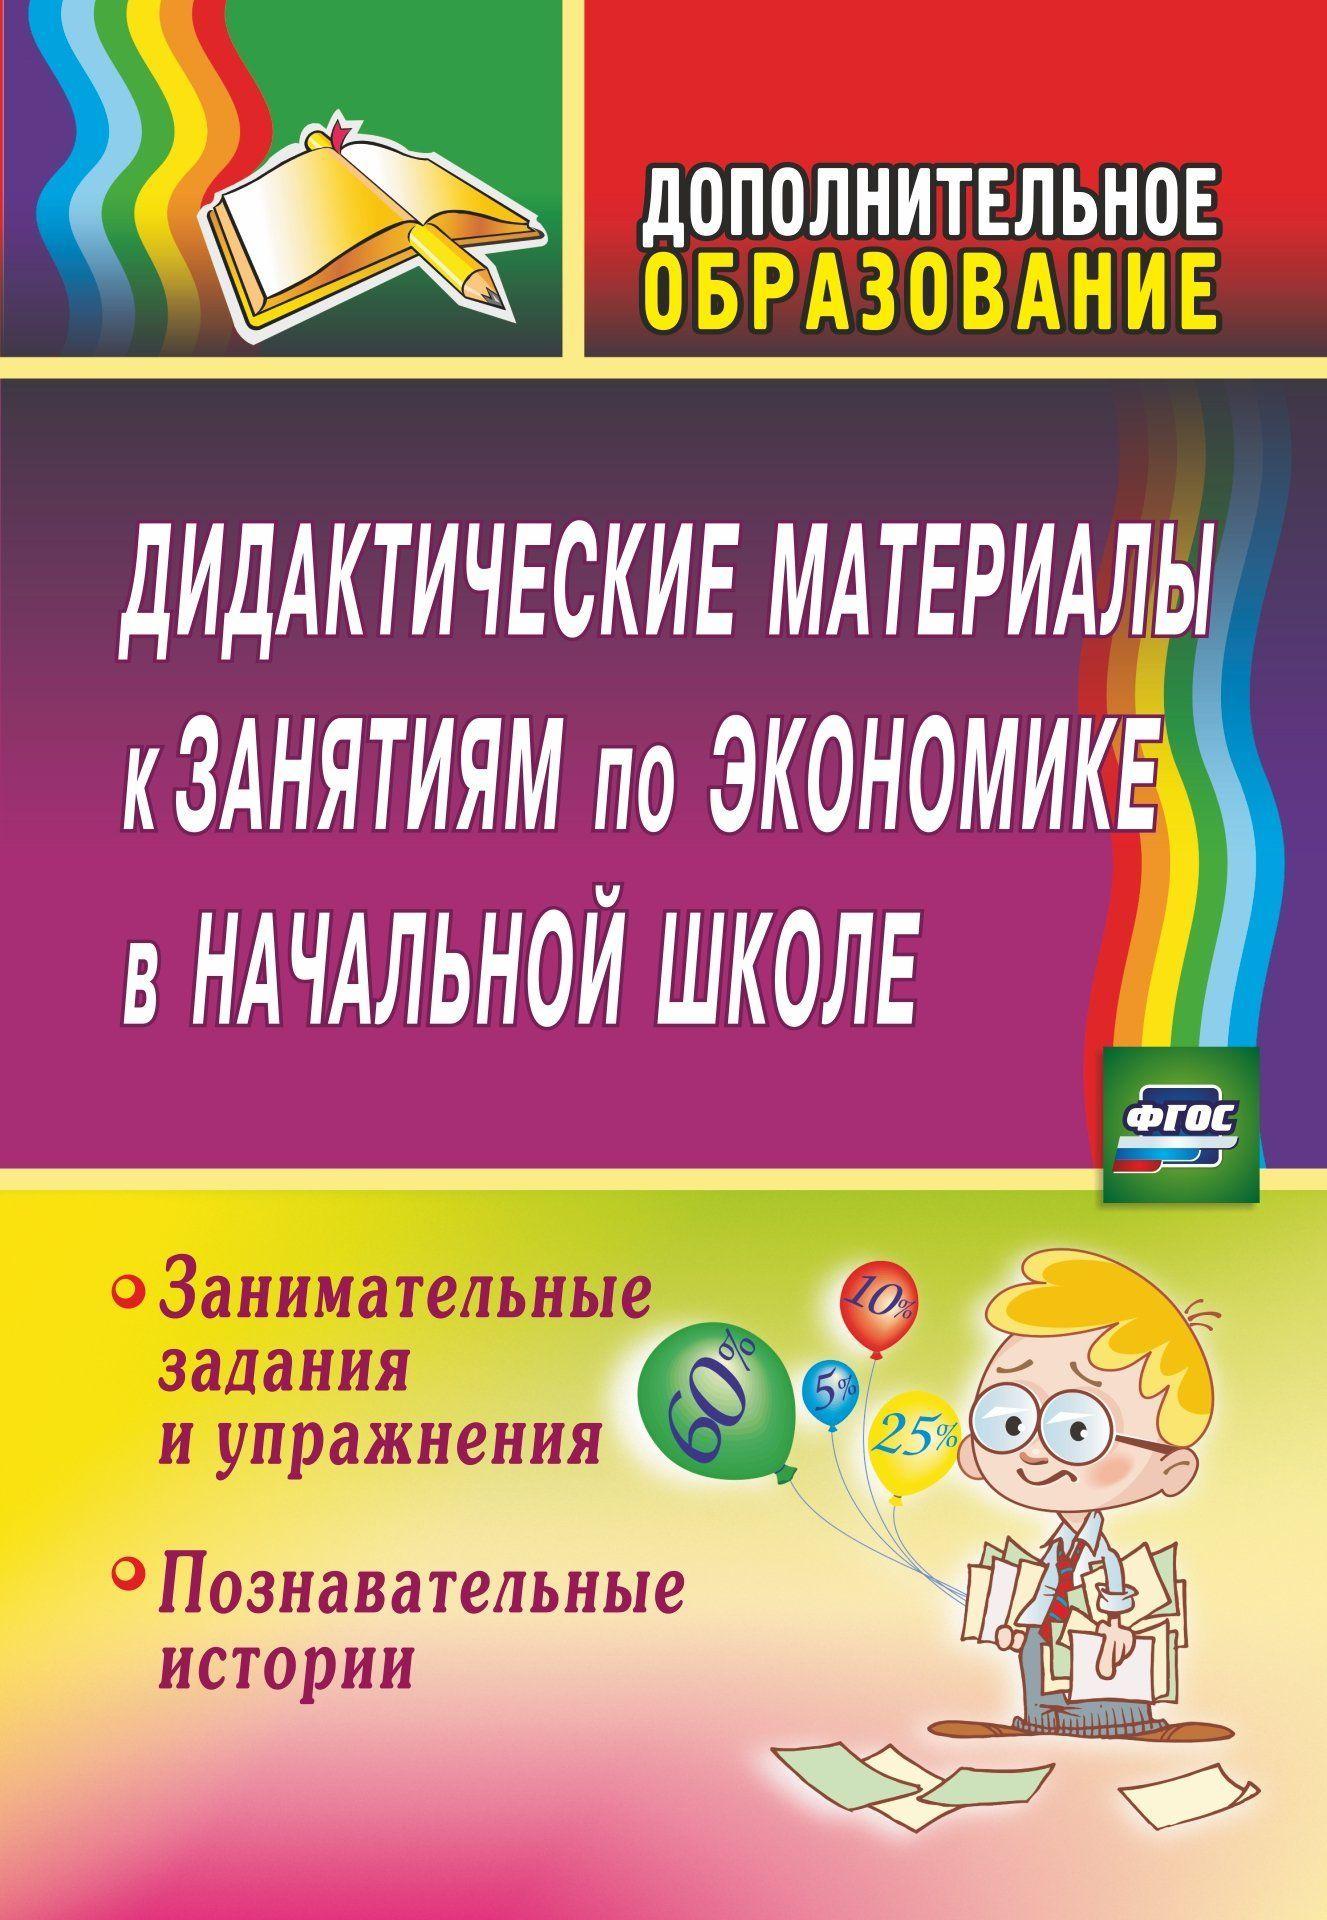 Купить со скидкой Дидактические материалы к занятиям по экономике в начальной школе: занимательные задания и упражнени